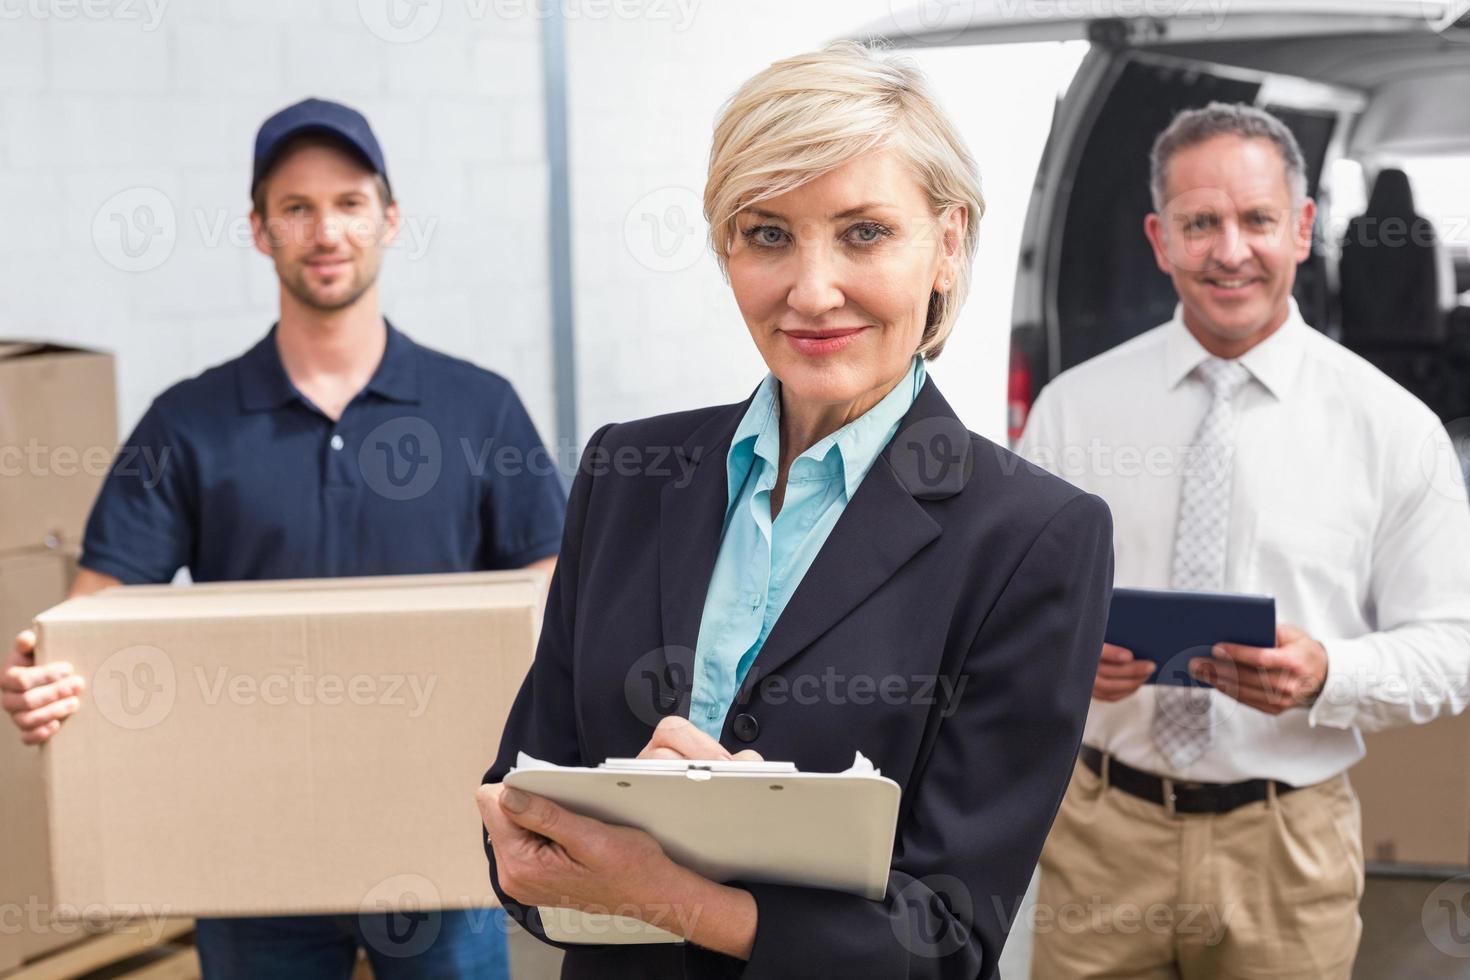 le chef hålla Urklipp framför sina kollegor foto